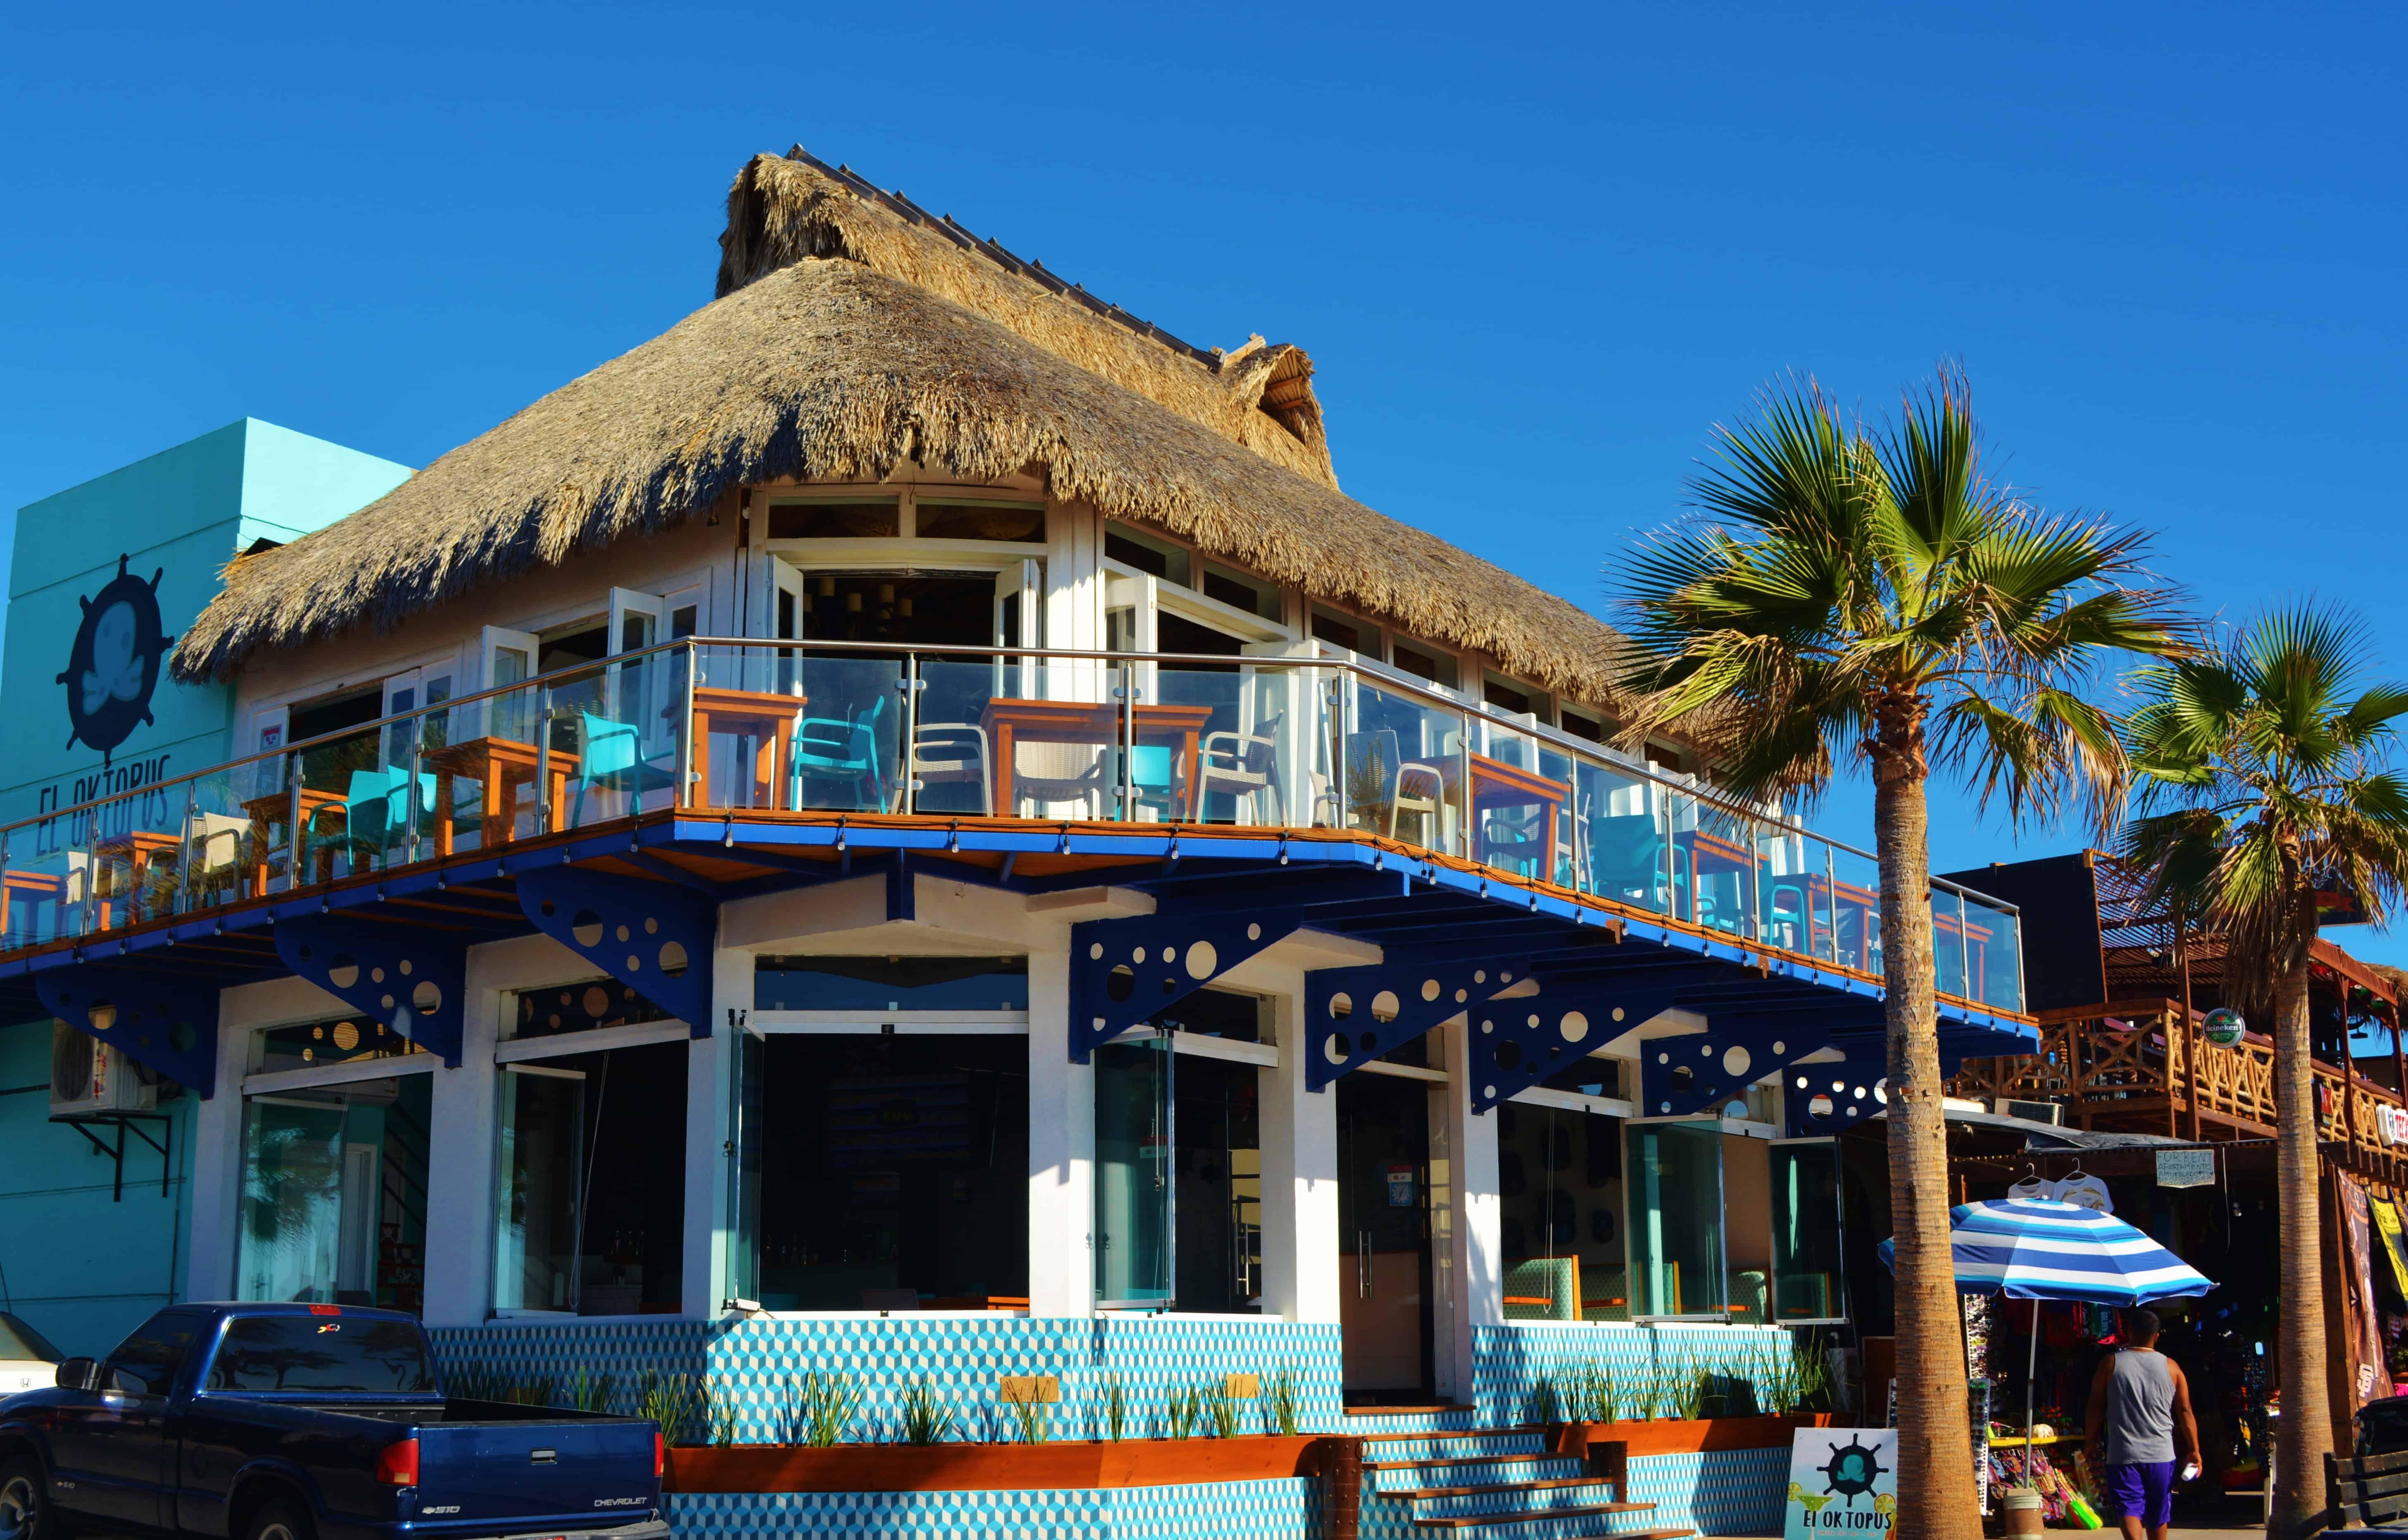 El Oktopus on the Malecon